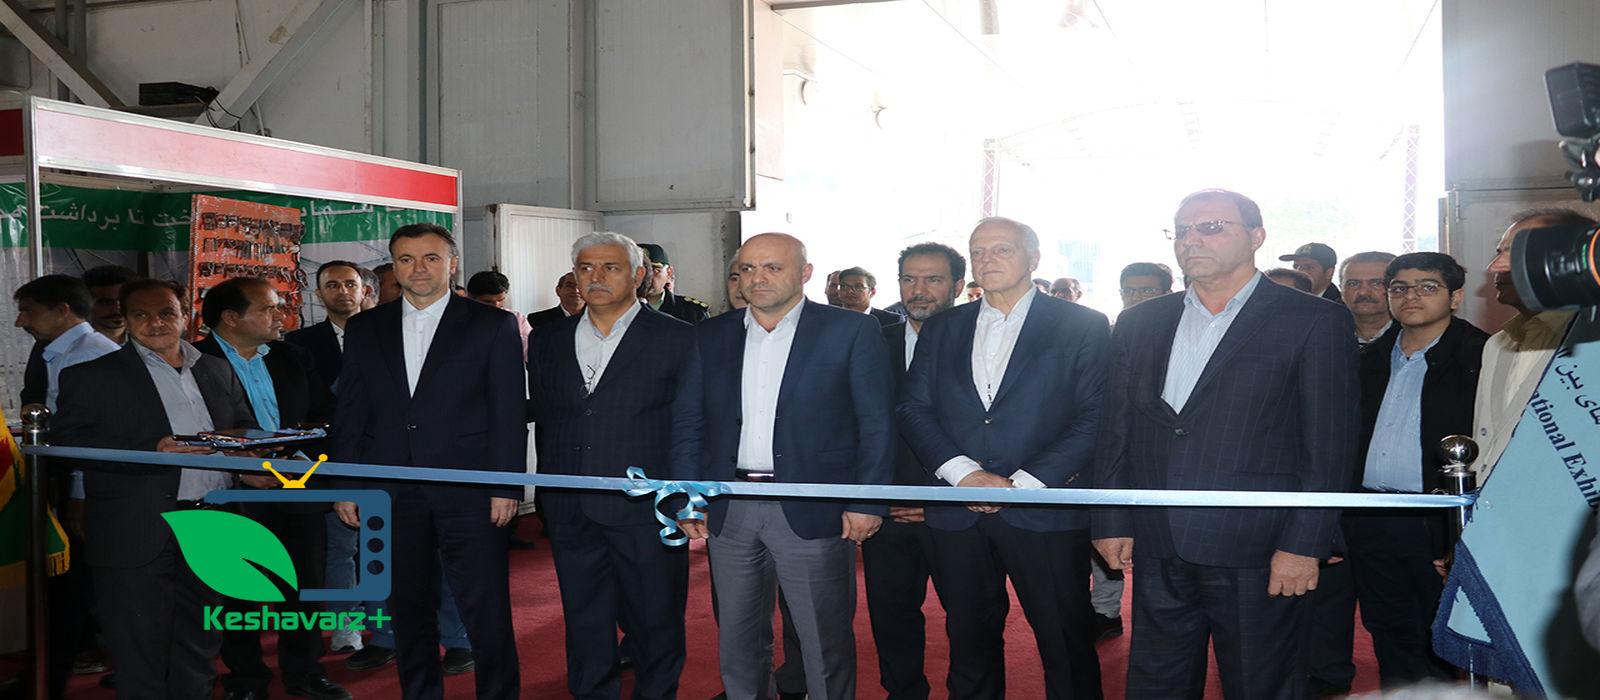 آیین افتتاحیه چهارمین نمایشگاه ایران سبز – ۲۲ فروردین ماه -نمایشگاه بین المللی تهران